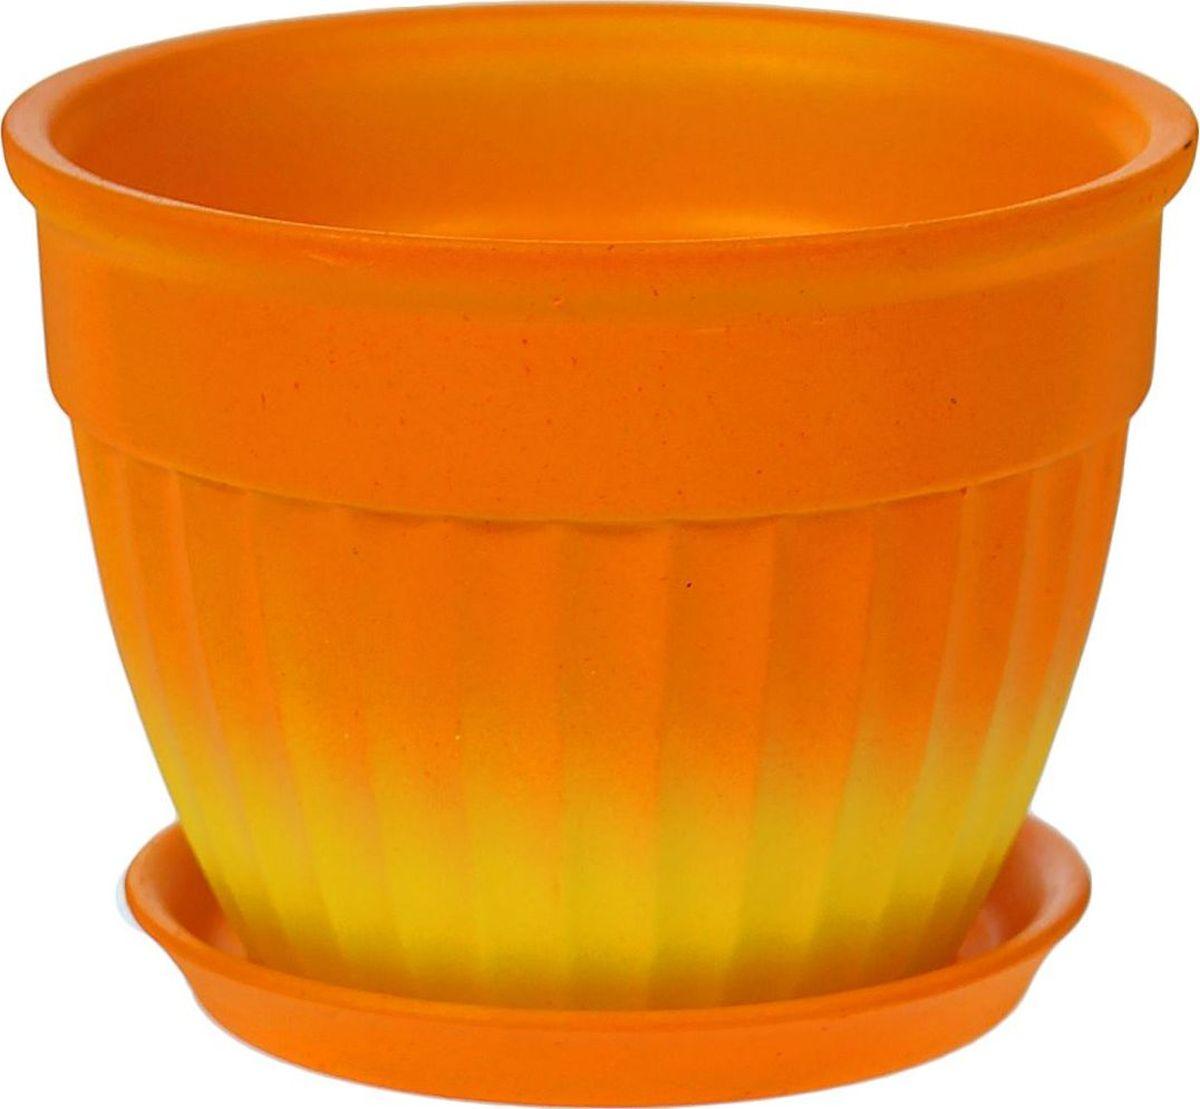 Кашпо Керамика ручной работы Ромашка, цвет: оранжевый, 0,5 л1304028Комнатные растения — всеобщие любимцы. Они радуют глаз, насыщают помещение кислородом и украшают пространство. Каждому из них необходим свой удобный и красивый дом. Кашпо из керамики прекрасно подходят для высадки растений: за счёт пластичности глины и разных способов обработки существует великое множество форм и дизайновпористый материал позволяет испаряться лишней влагевоздух, необходимый для дыхания корней, проникает сквозь керамические стенки! #name# позаботится о зелёном питомце, освежит интерьер и подчеркнёт его стиль.